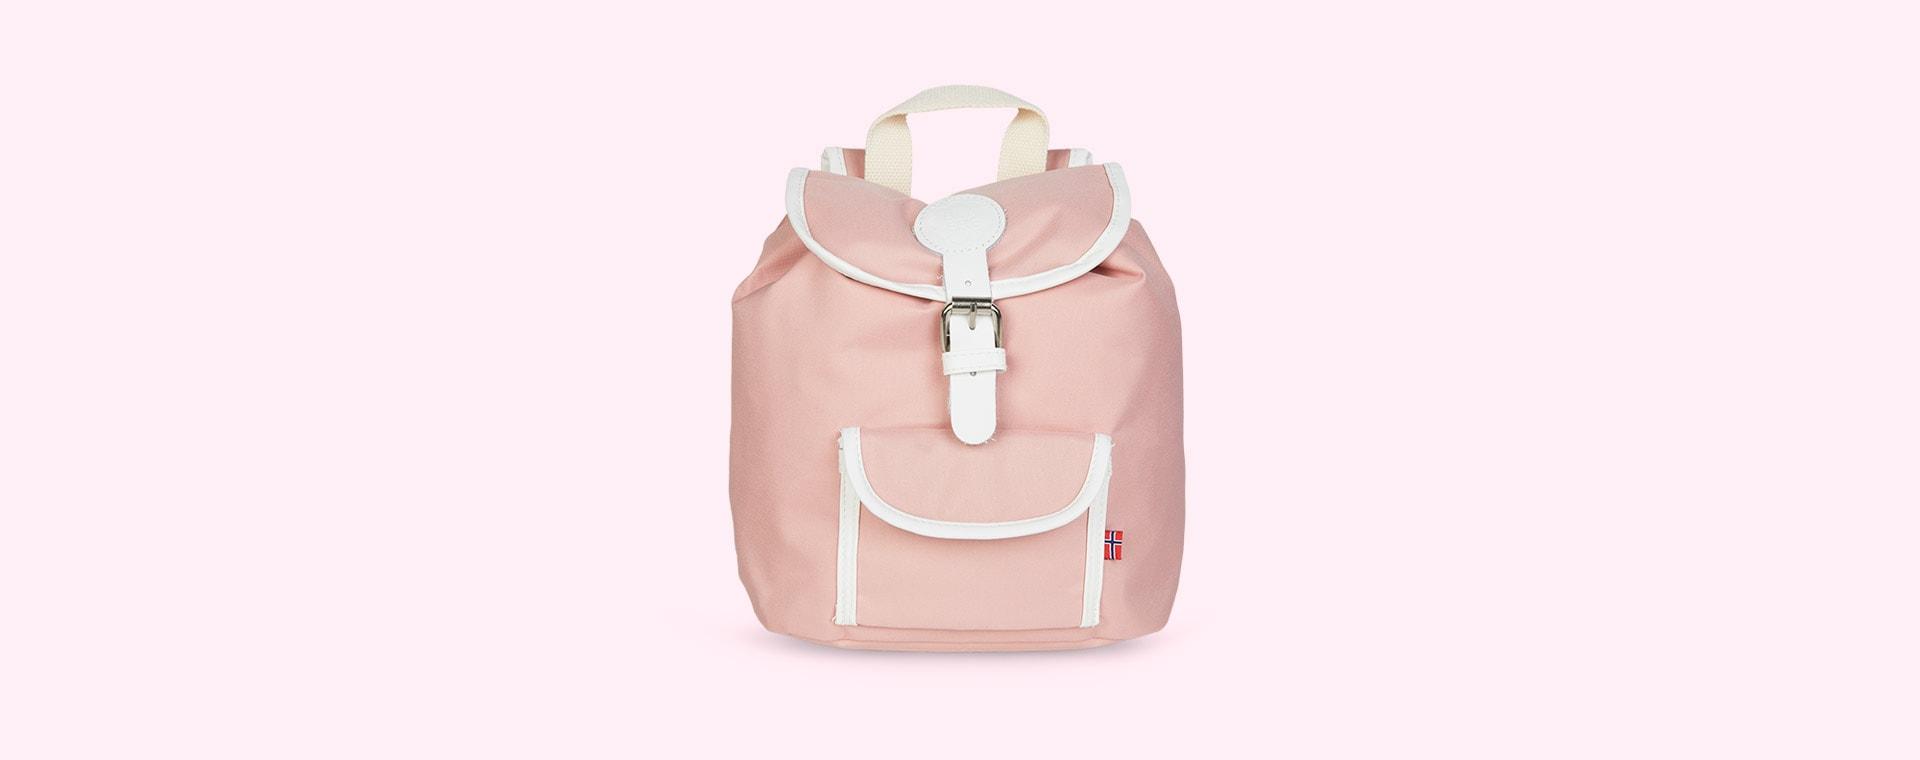 Pink Blafre Kids Backpack 6L